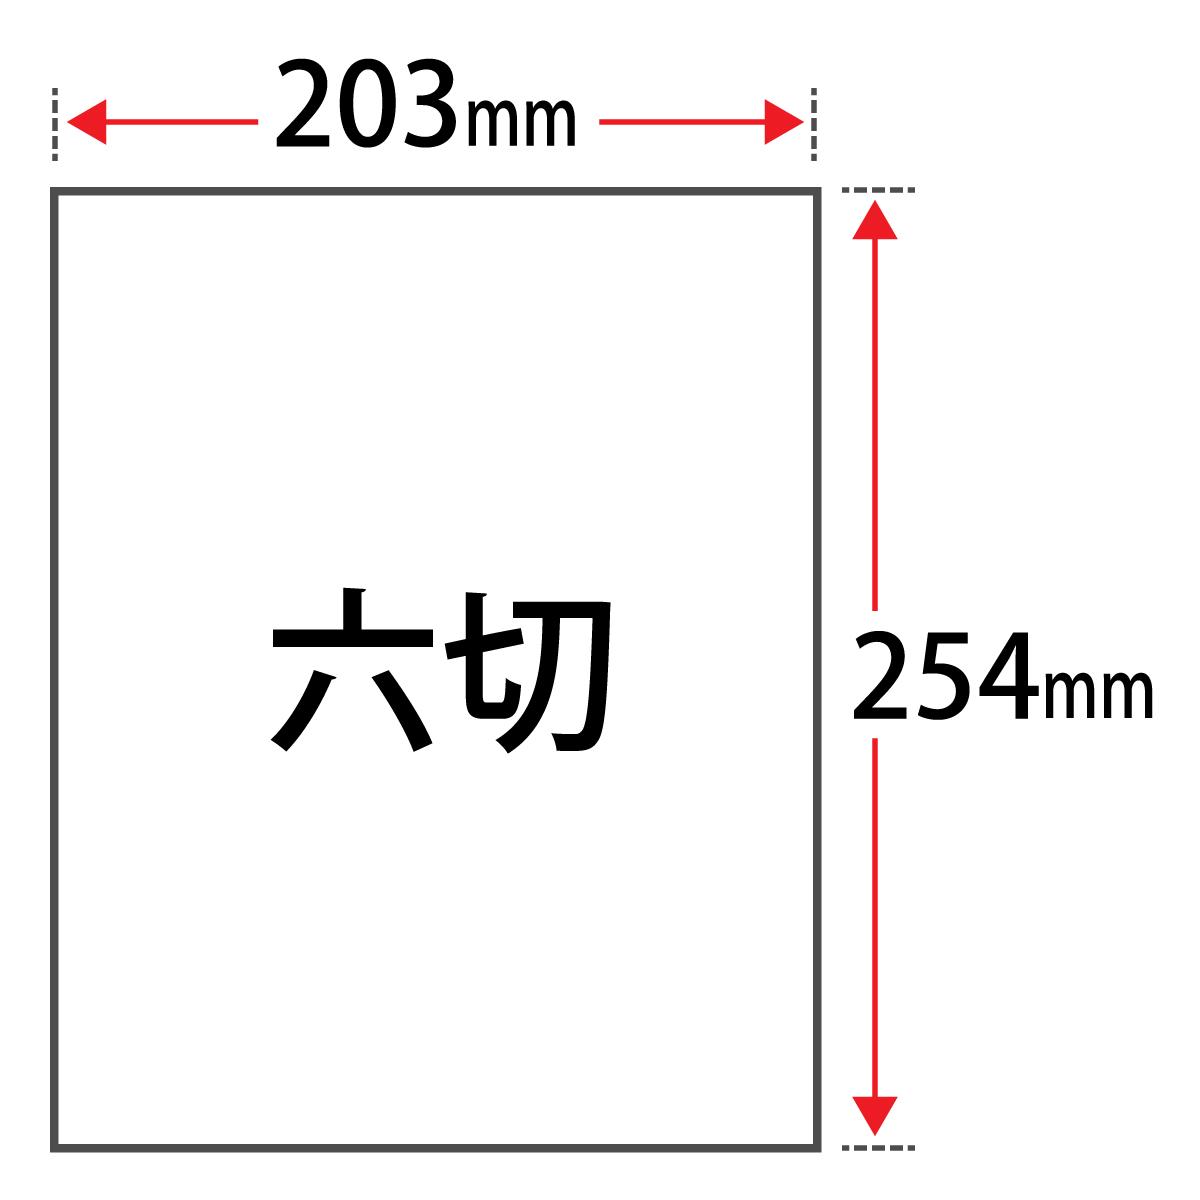 人気商品は GEKKO ブルーラベルシリーズ 六切 インクジェット用 20枚 染料 20冊ロット GKB-6G20-20, パール調 高級感 白色 白色 印画紙 微粒面光沢 染料 顔料兼用 インクジェット用 モノクロ写真 印刷用紙 印刷紙 松本洋紙店, ルーブルダール:152e6e9a --- mtrend.kz